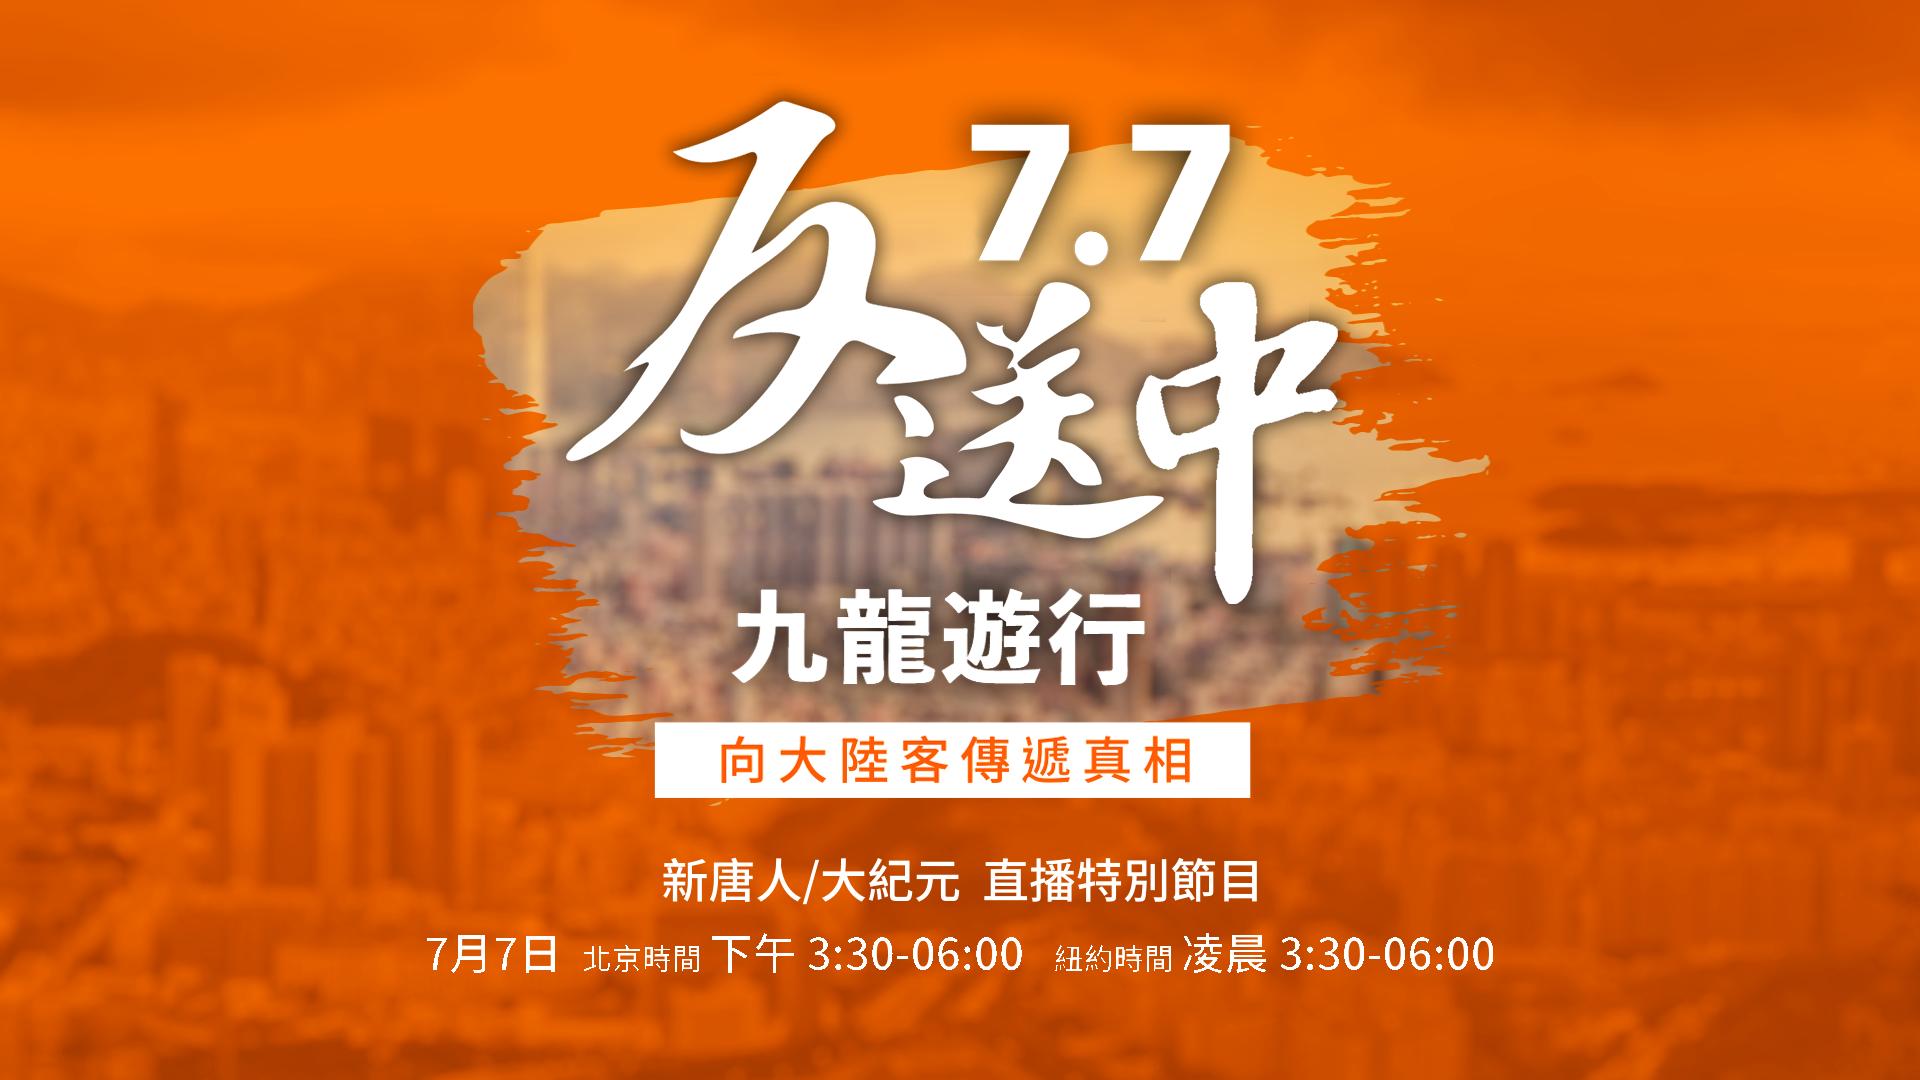 「香港人,未撤退」,7月7日香港市民在九龍區舉行「反送中」遊行,重申「五大訴求」。(大紀元)